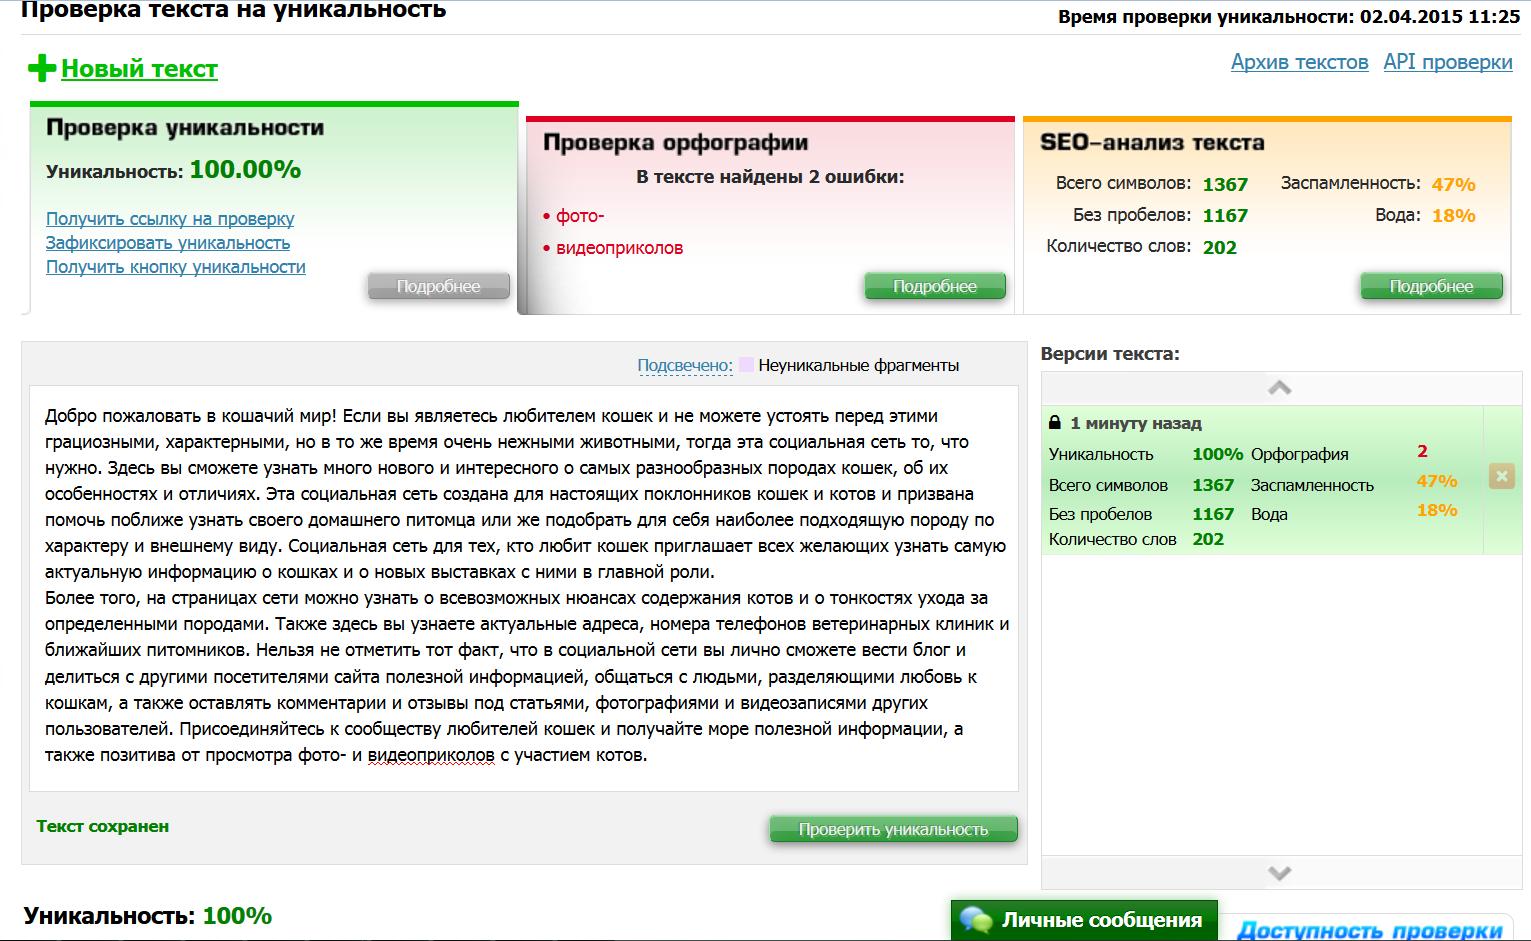 Проверка текста на уникальность Text.ru